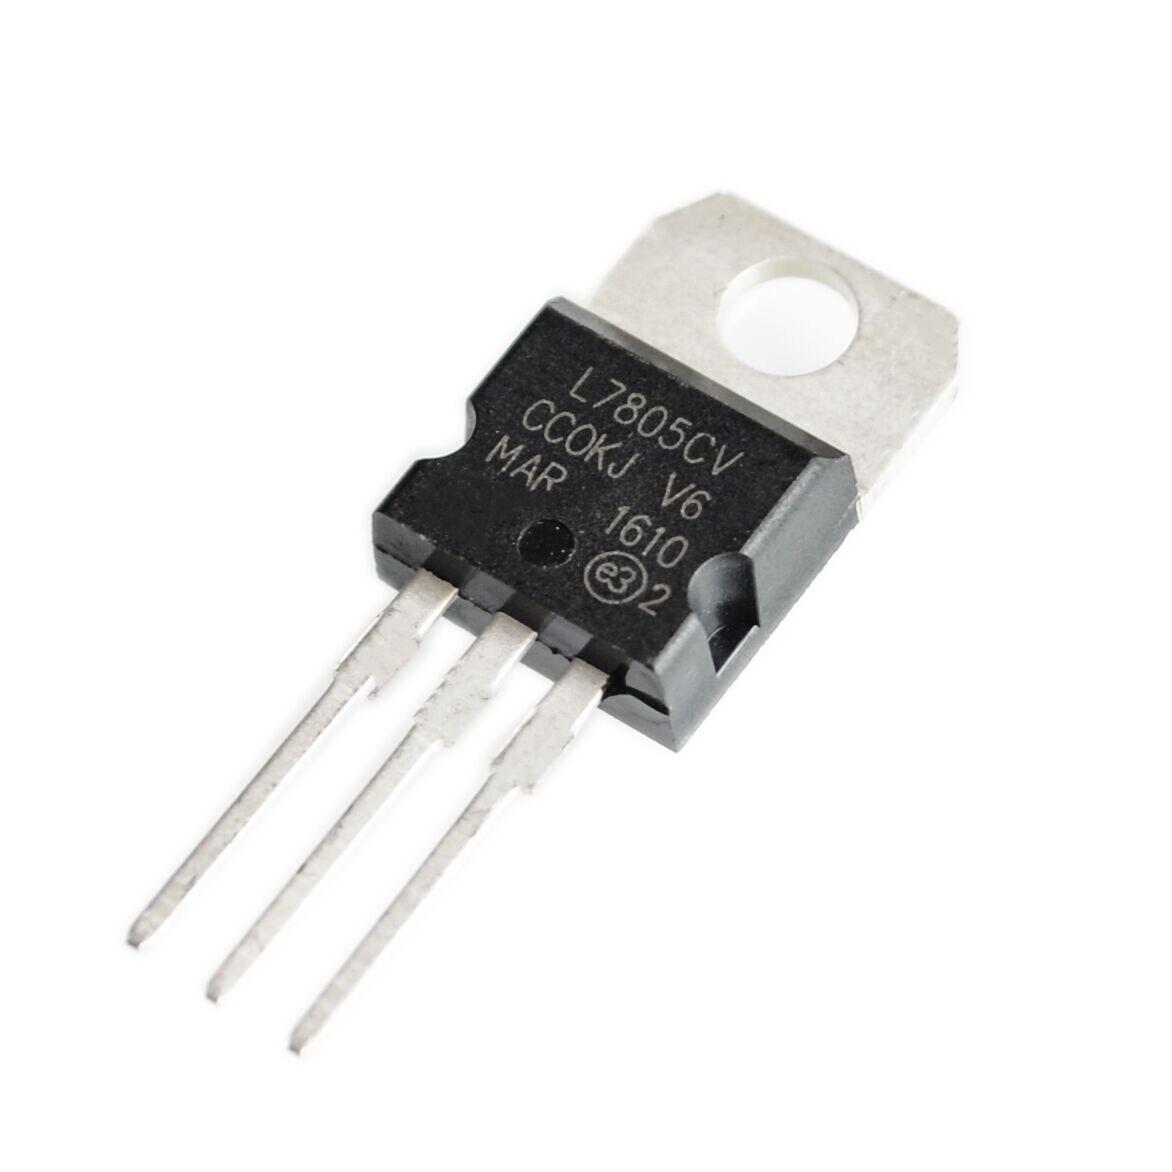 100pcs L7805cv L7805 Lm7805 7805 Voltage Regulator Ic 5v In Circuit Symbols Integrated Components 25pcs